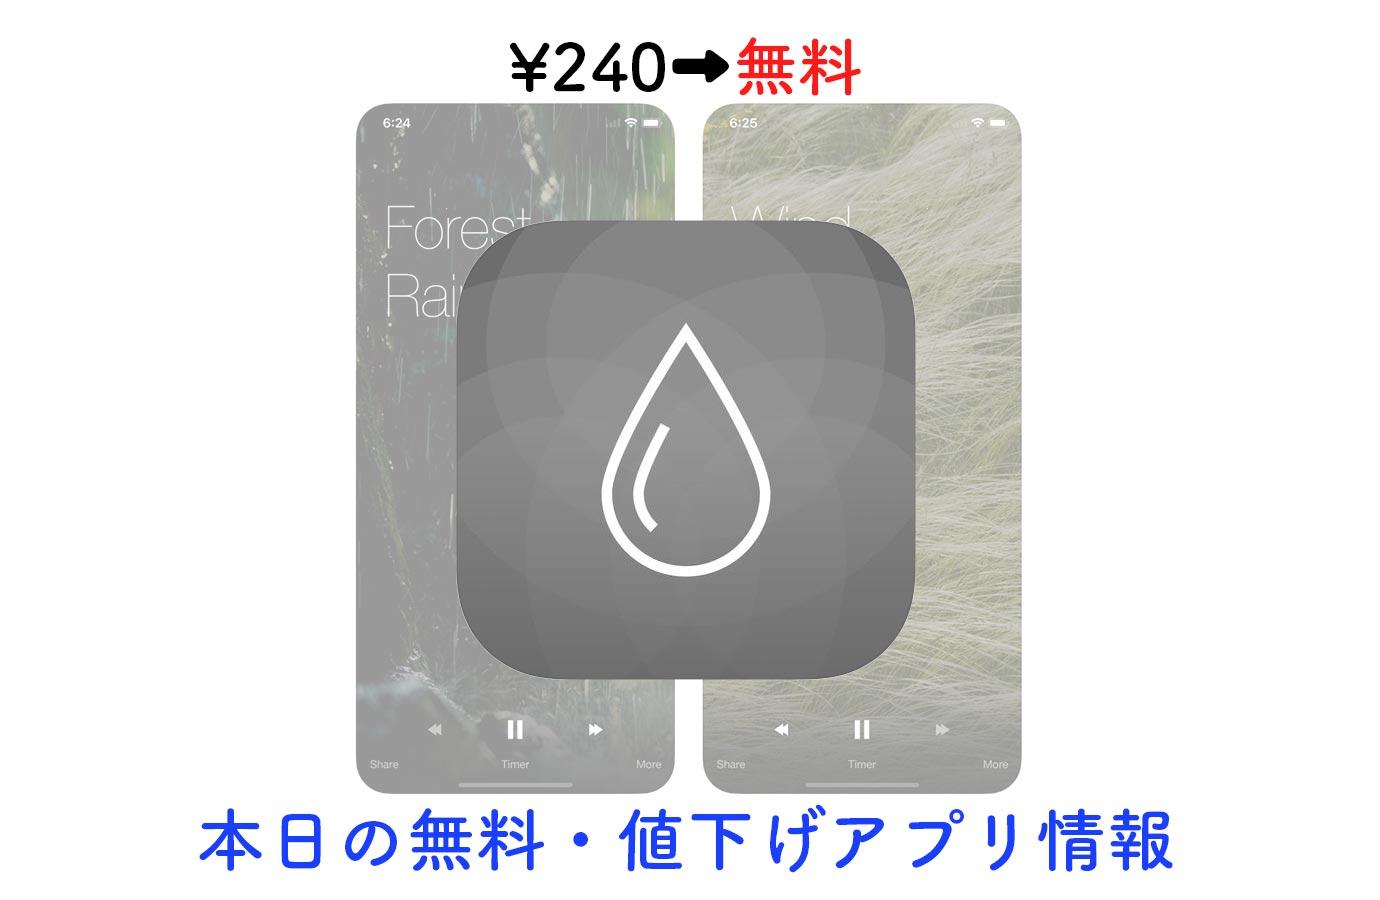 ¥240→無料、雨の音でリラックスできる「Relax Rain」など【3/10】本日の無料・値下げ情報